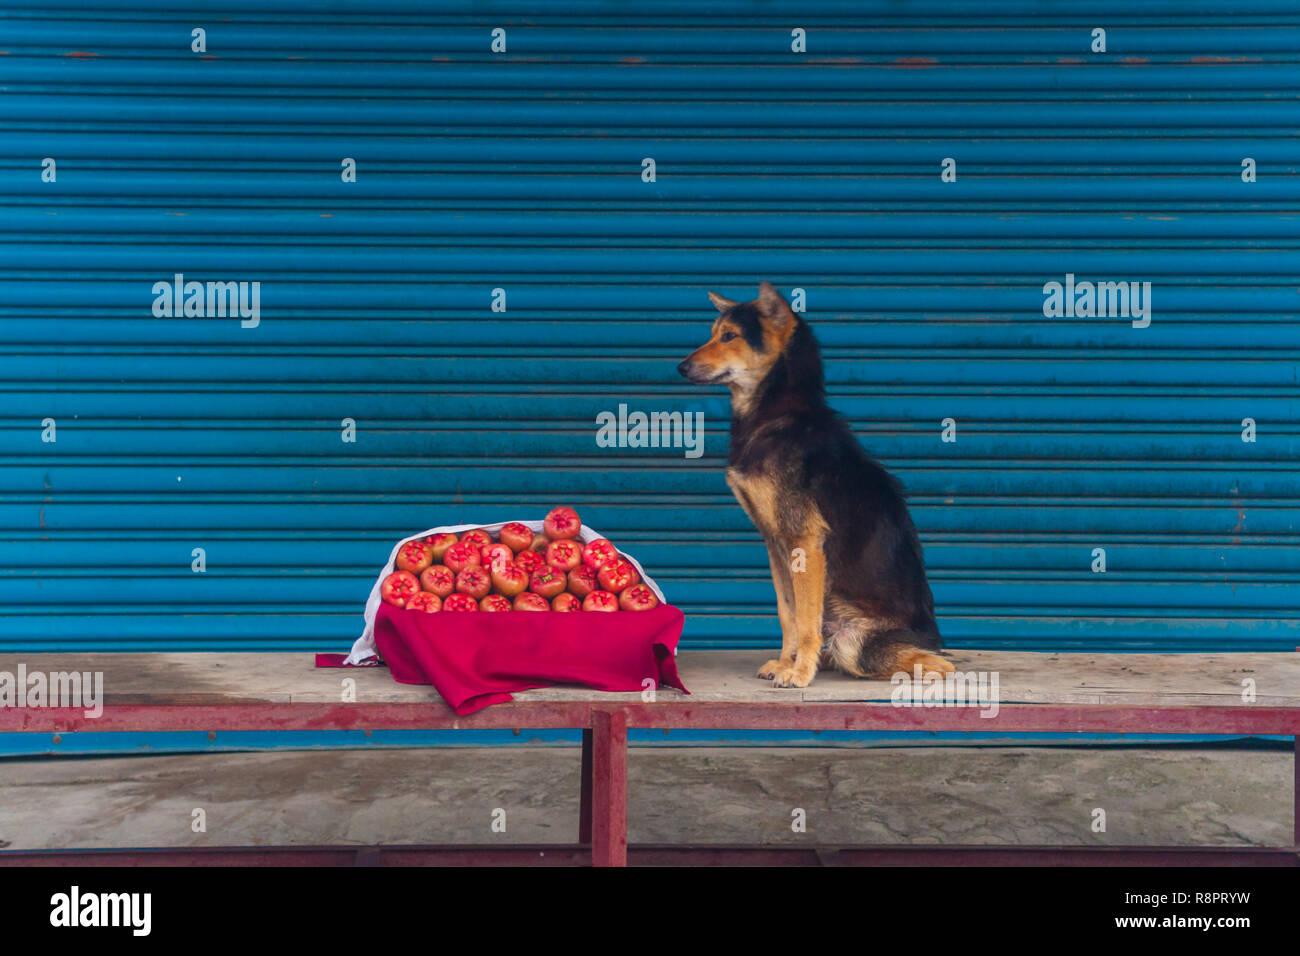 Perro y frutas Imagen De Stock